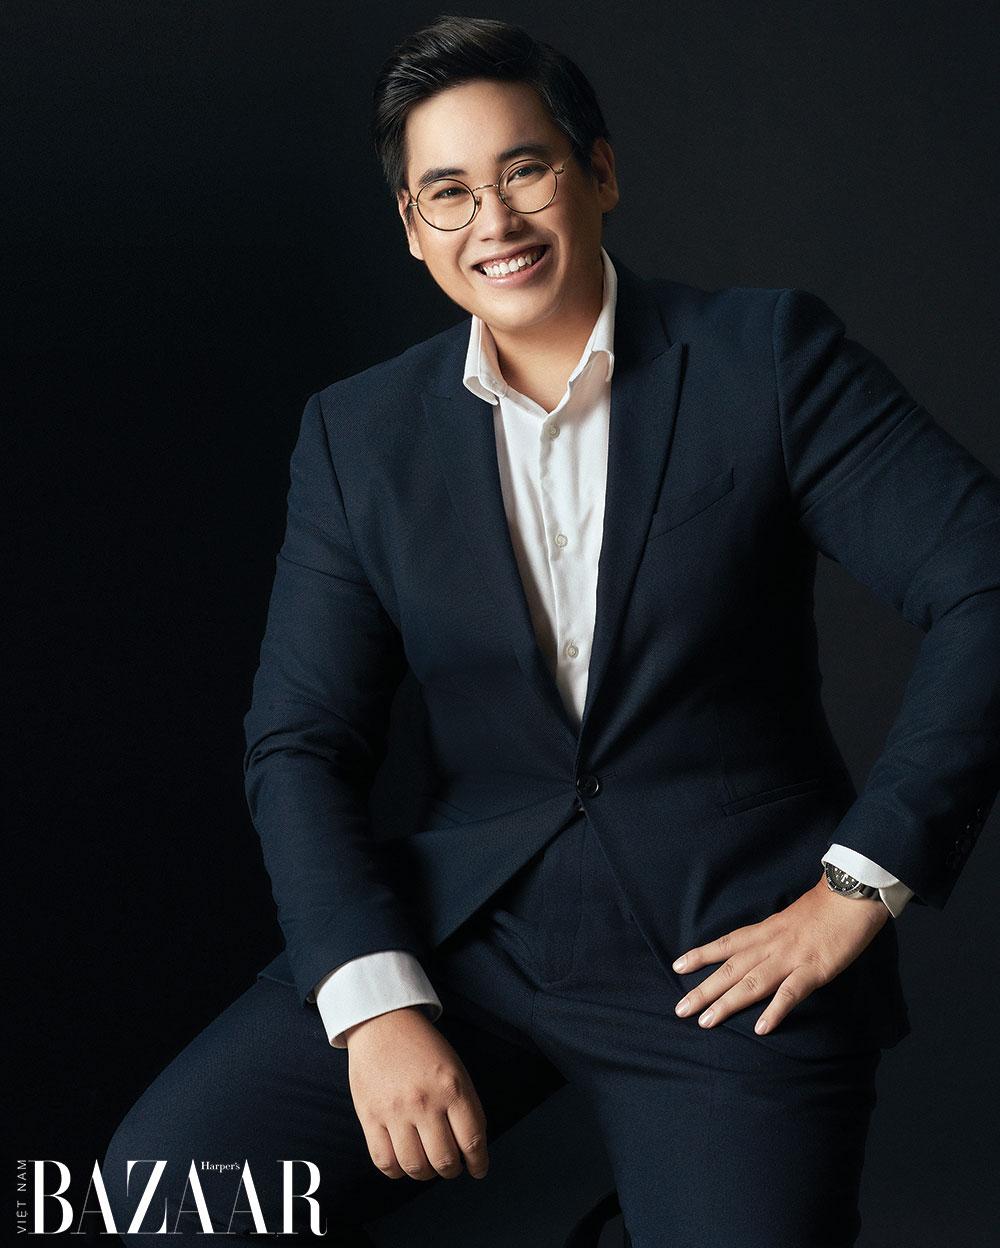 Hoàng Nguyễn – Mốc Nguyễn Productions